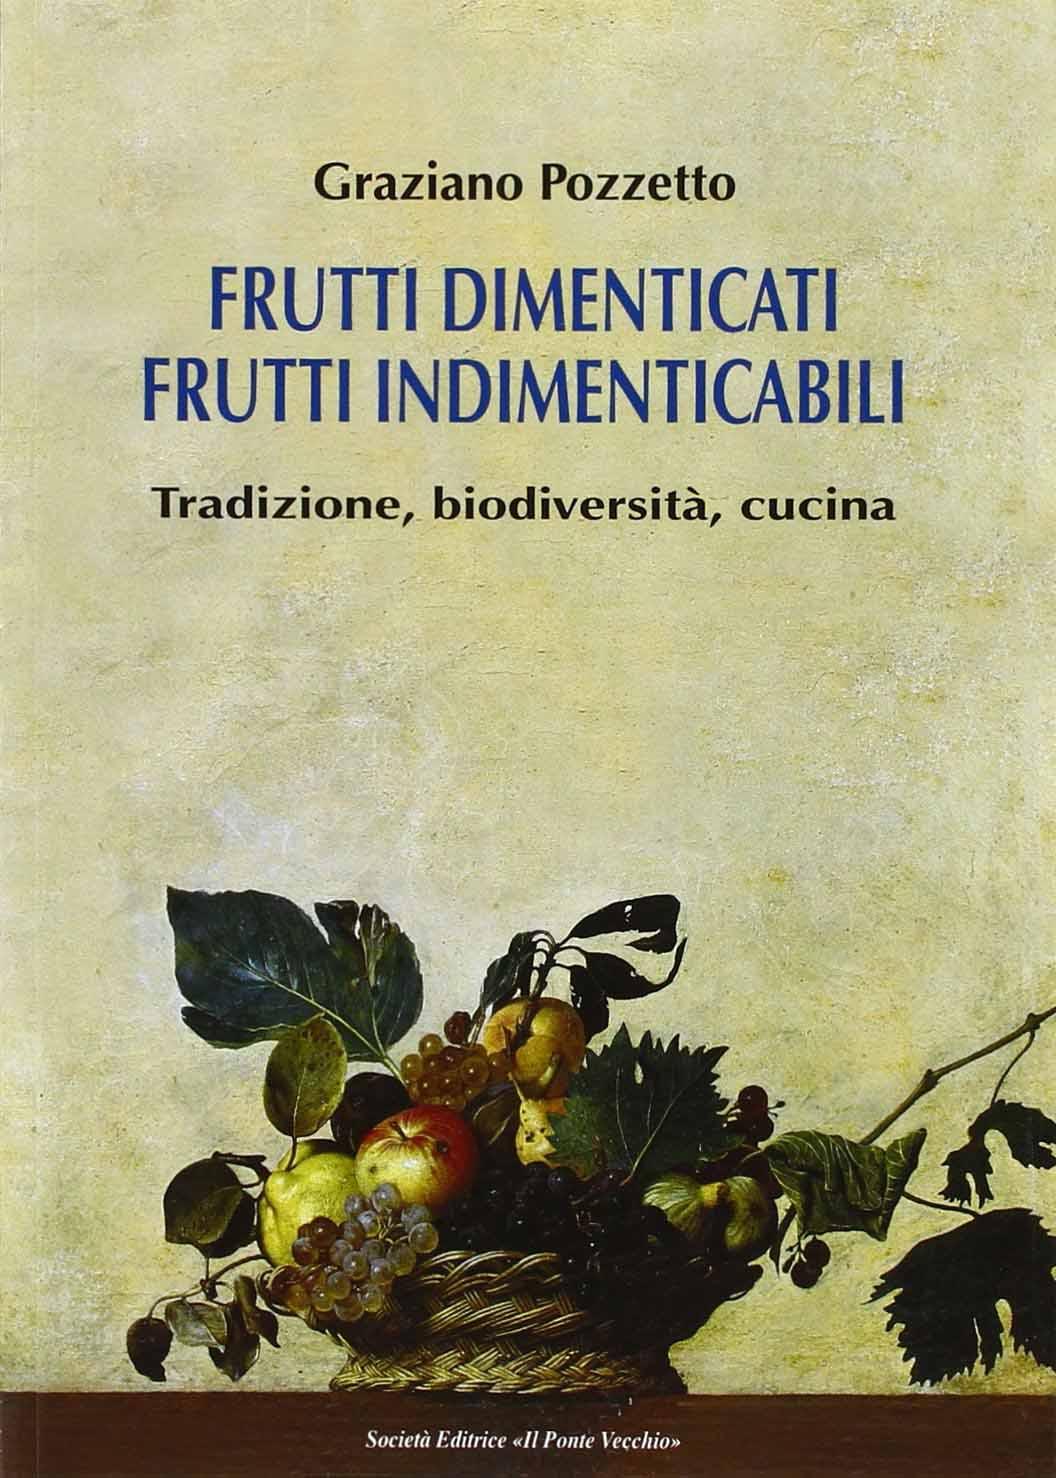 """Graziano Pozzetto, <i>""""Frutti dimenticati <br />frutti indimenticabili""""</i>: <br />la videorecensione"""